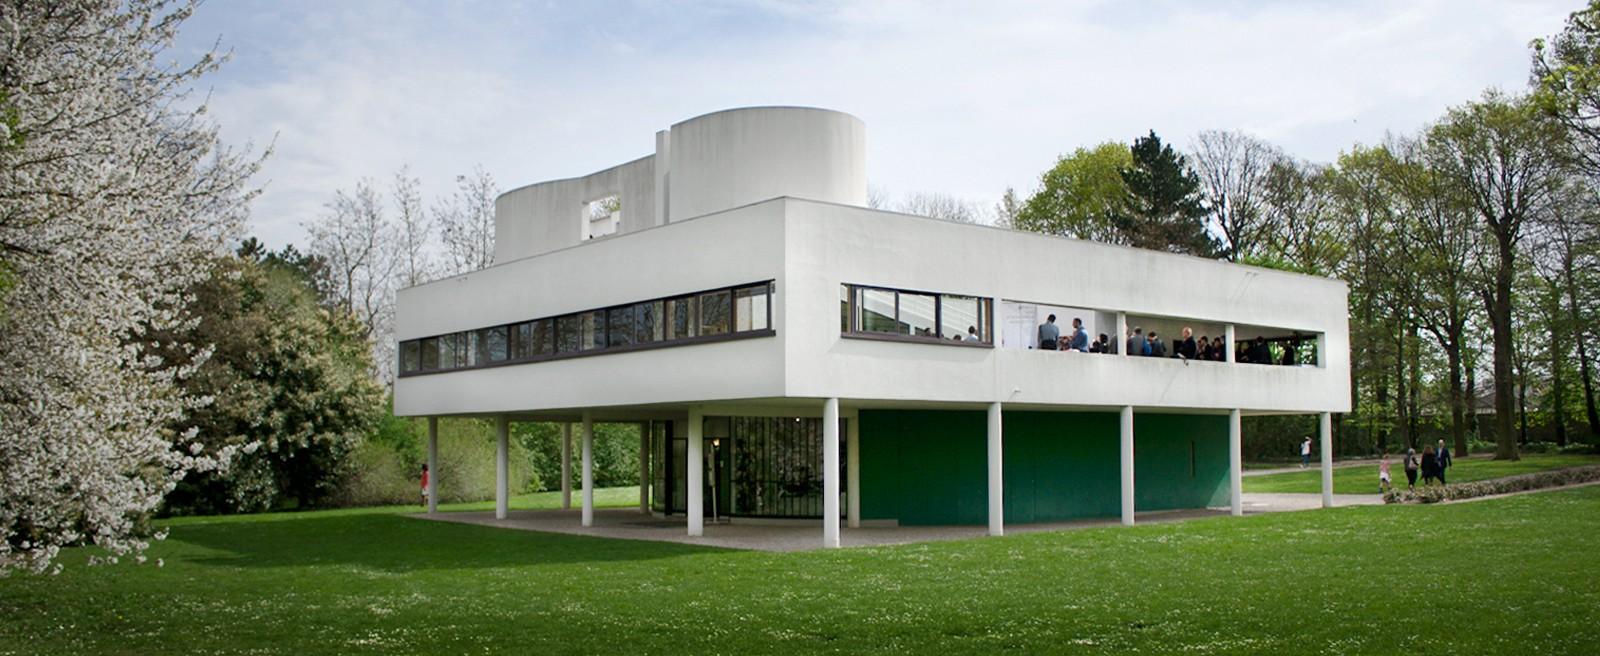 Sonda u Le Corbusierovoj Villi Savoye